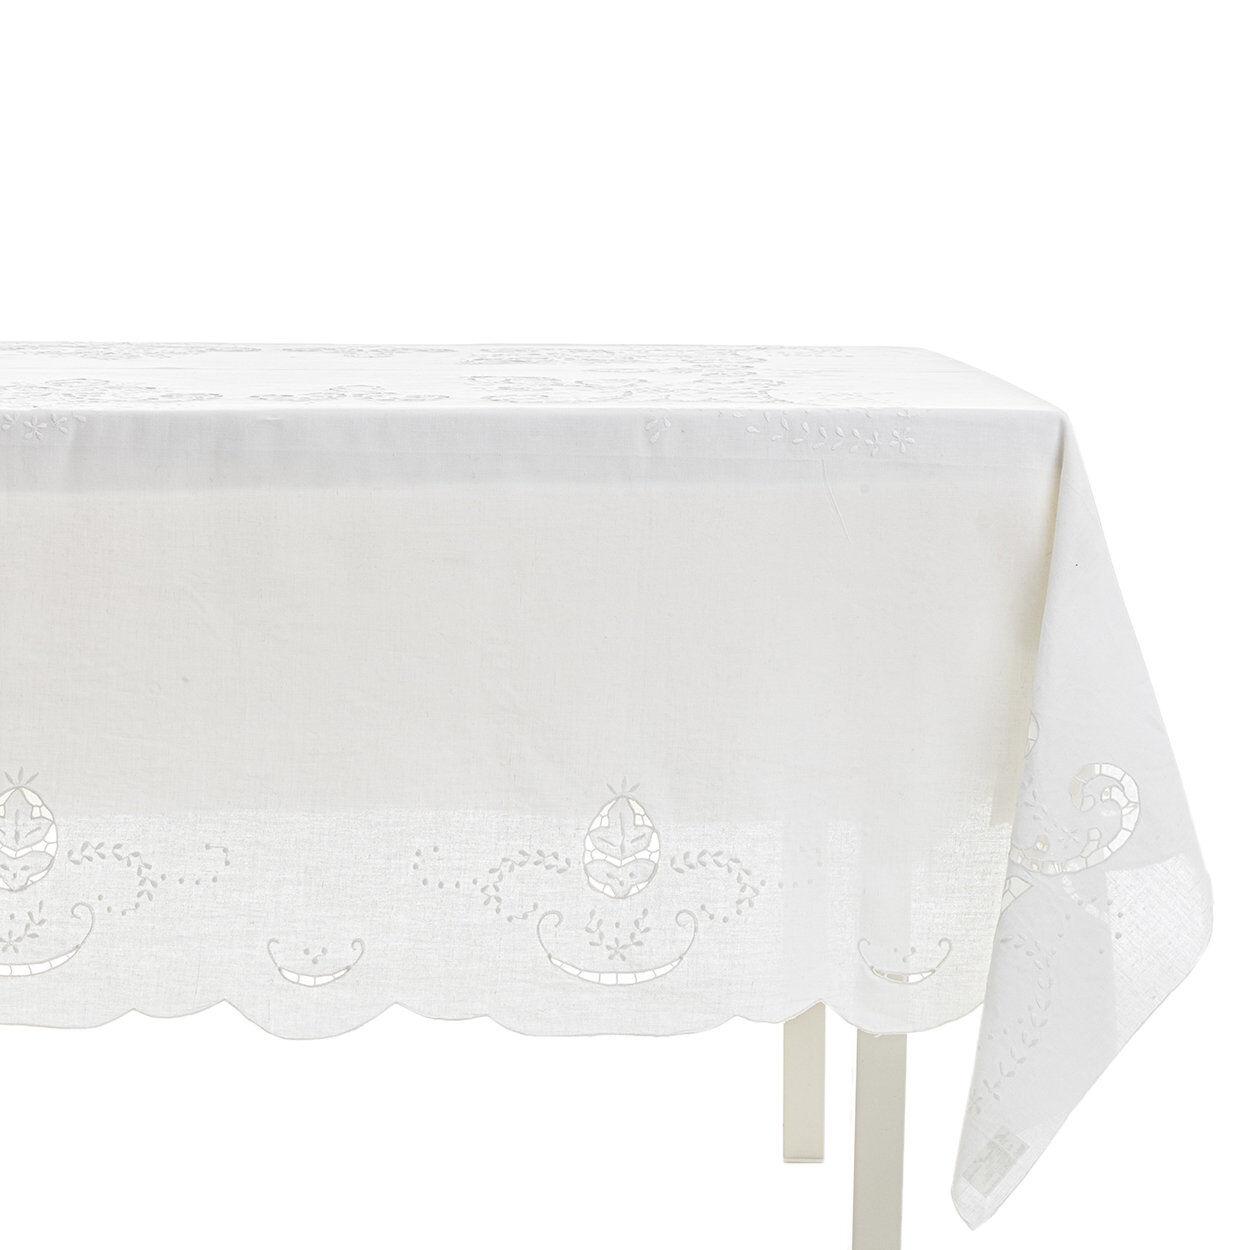 Zenoni & Colombi Tovaglia Toscano 150x220 8p